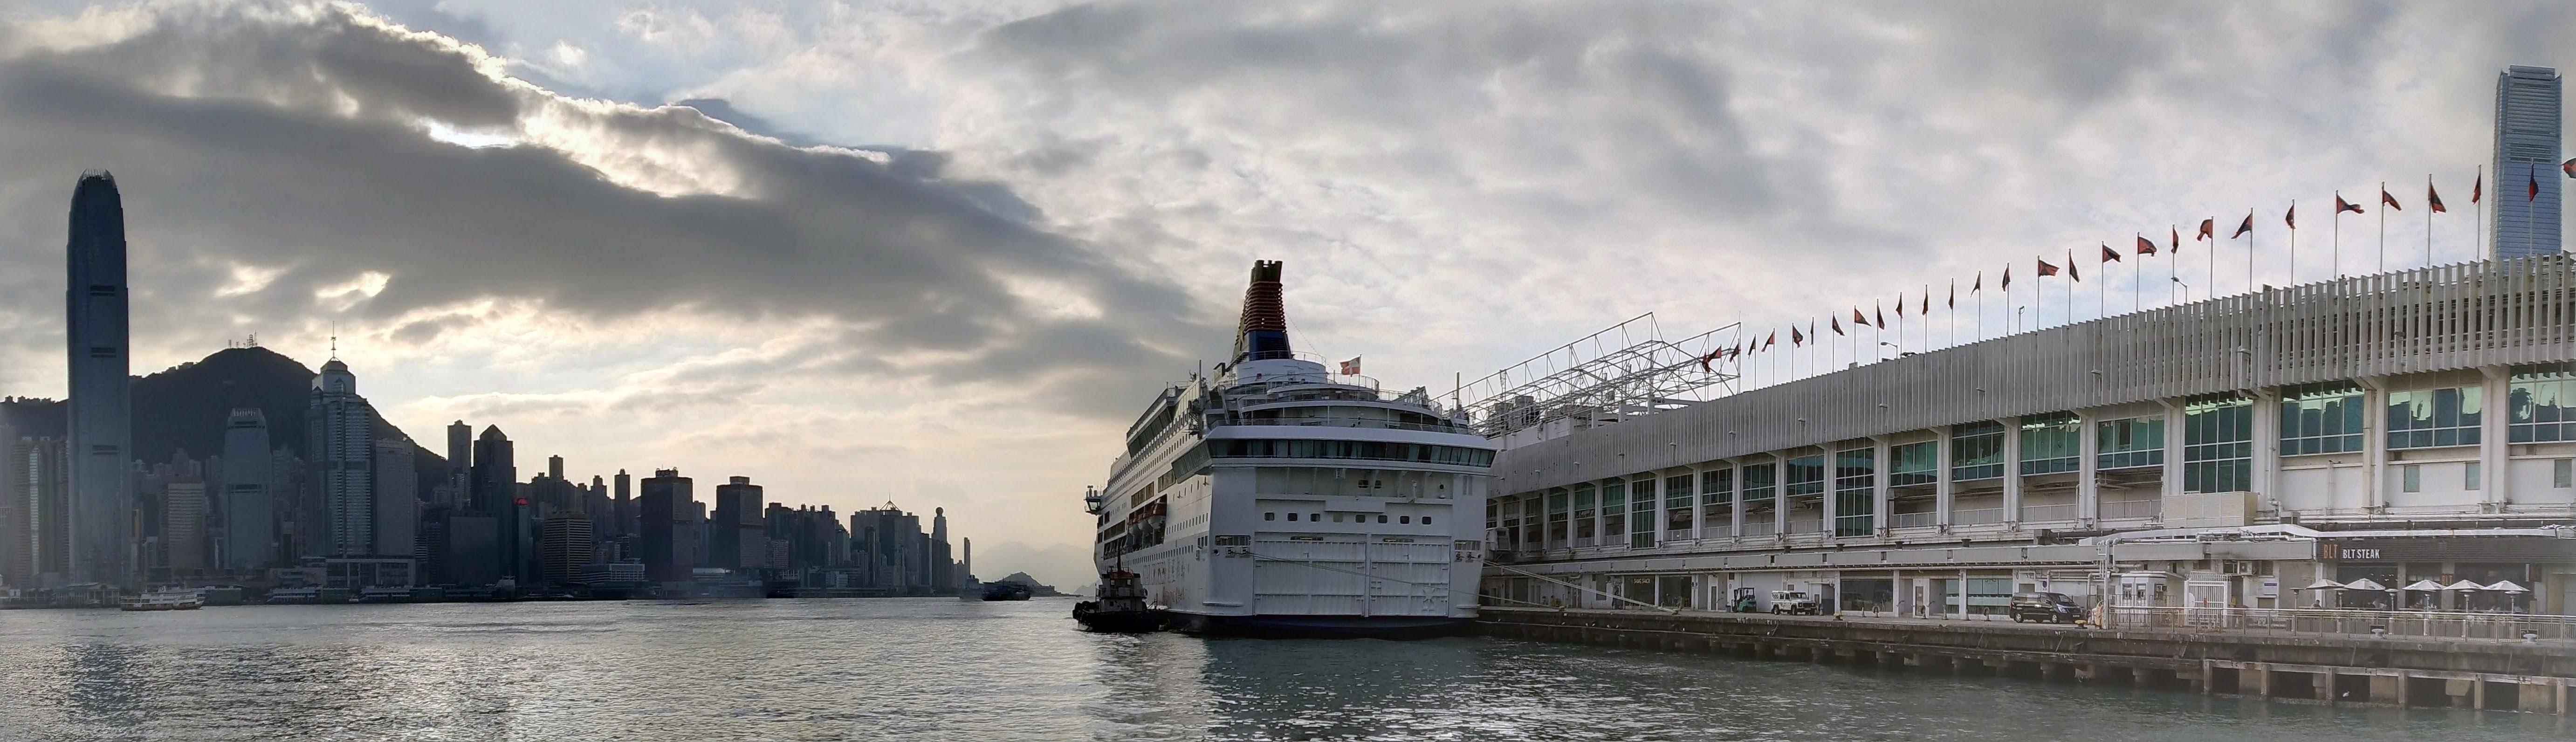 Victoria Harbor, IFCII, Star Cruise, Ocean Terminal and ICC